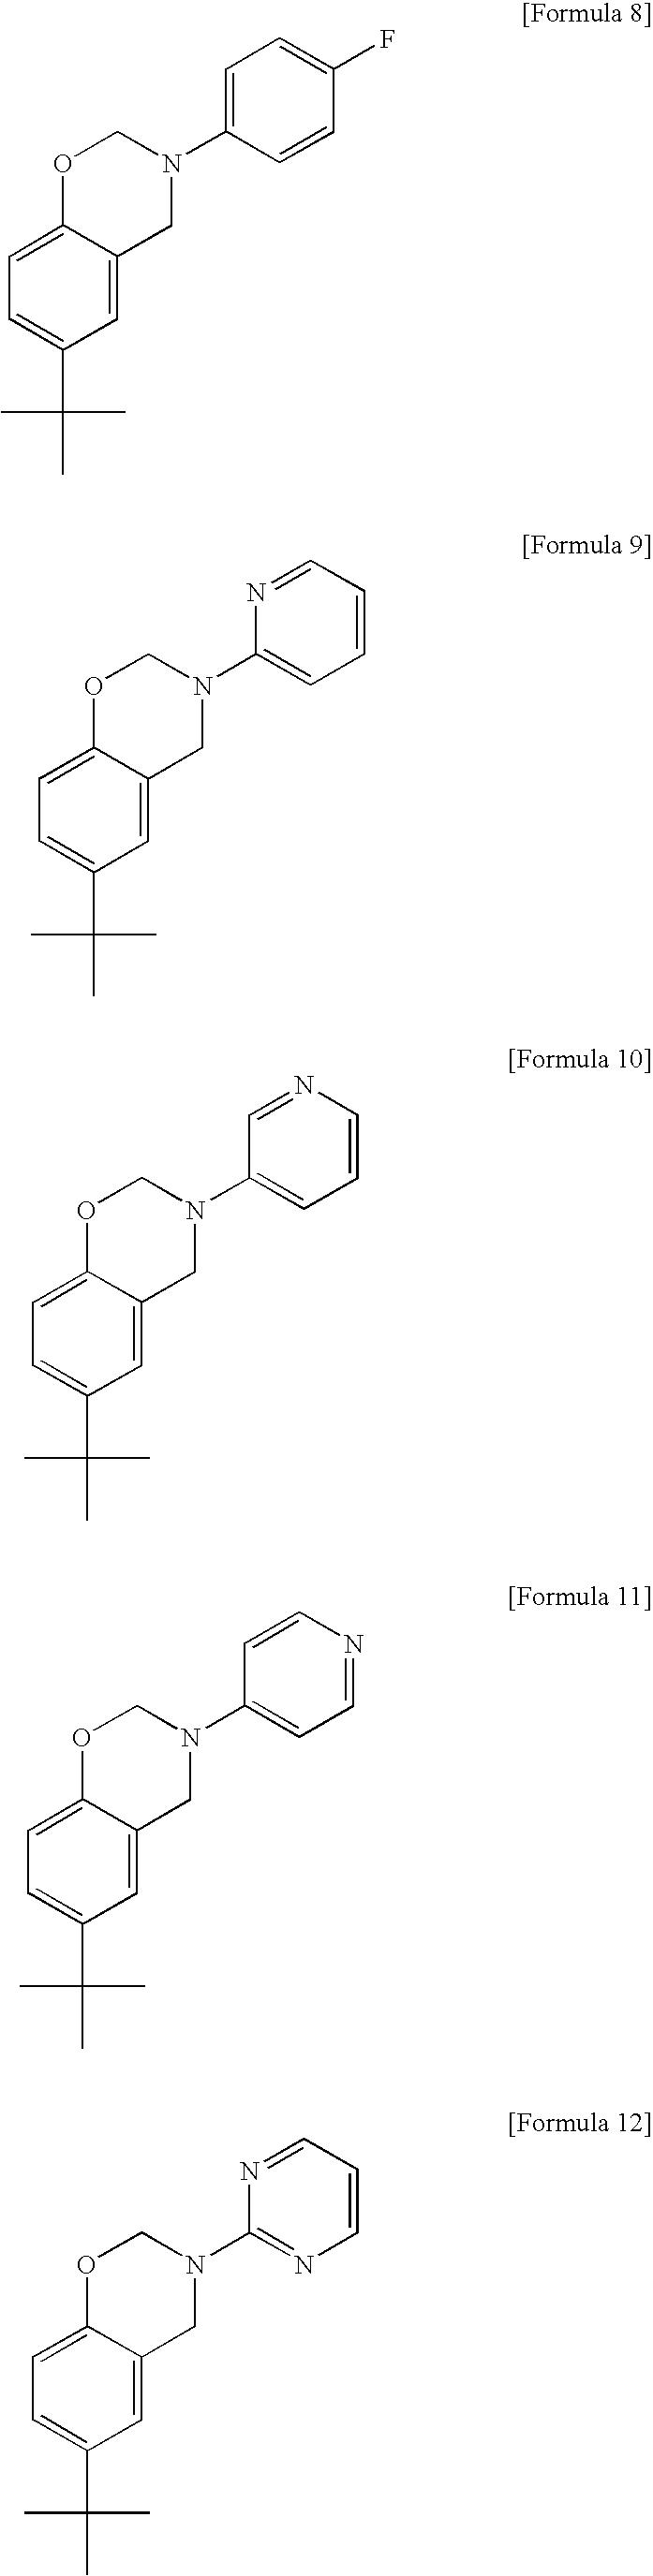 Figure US20070184323A1-20070809-C00020